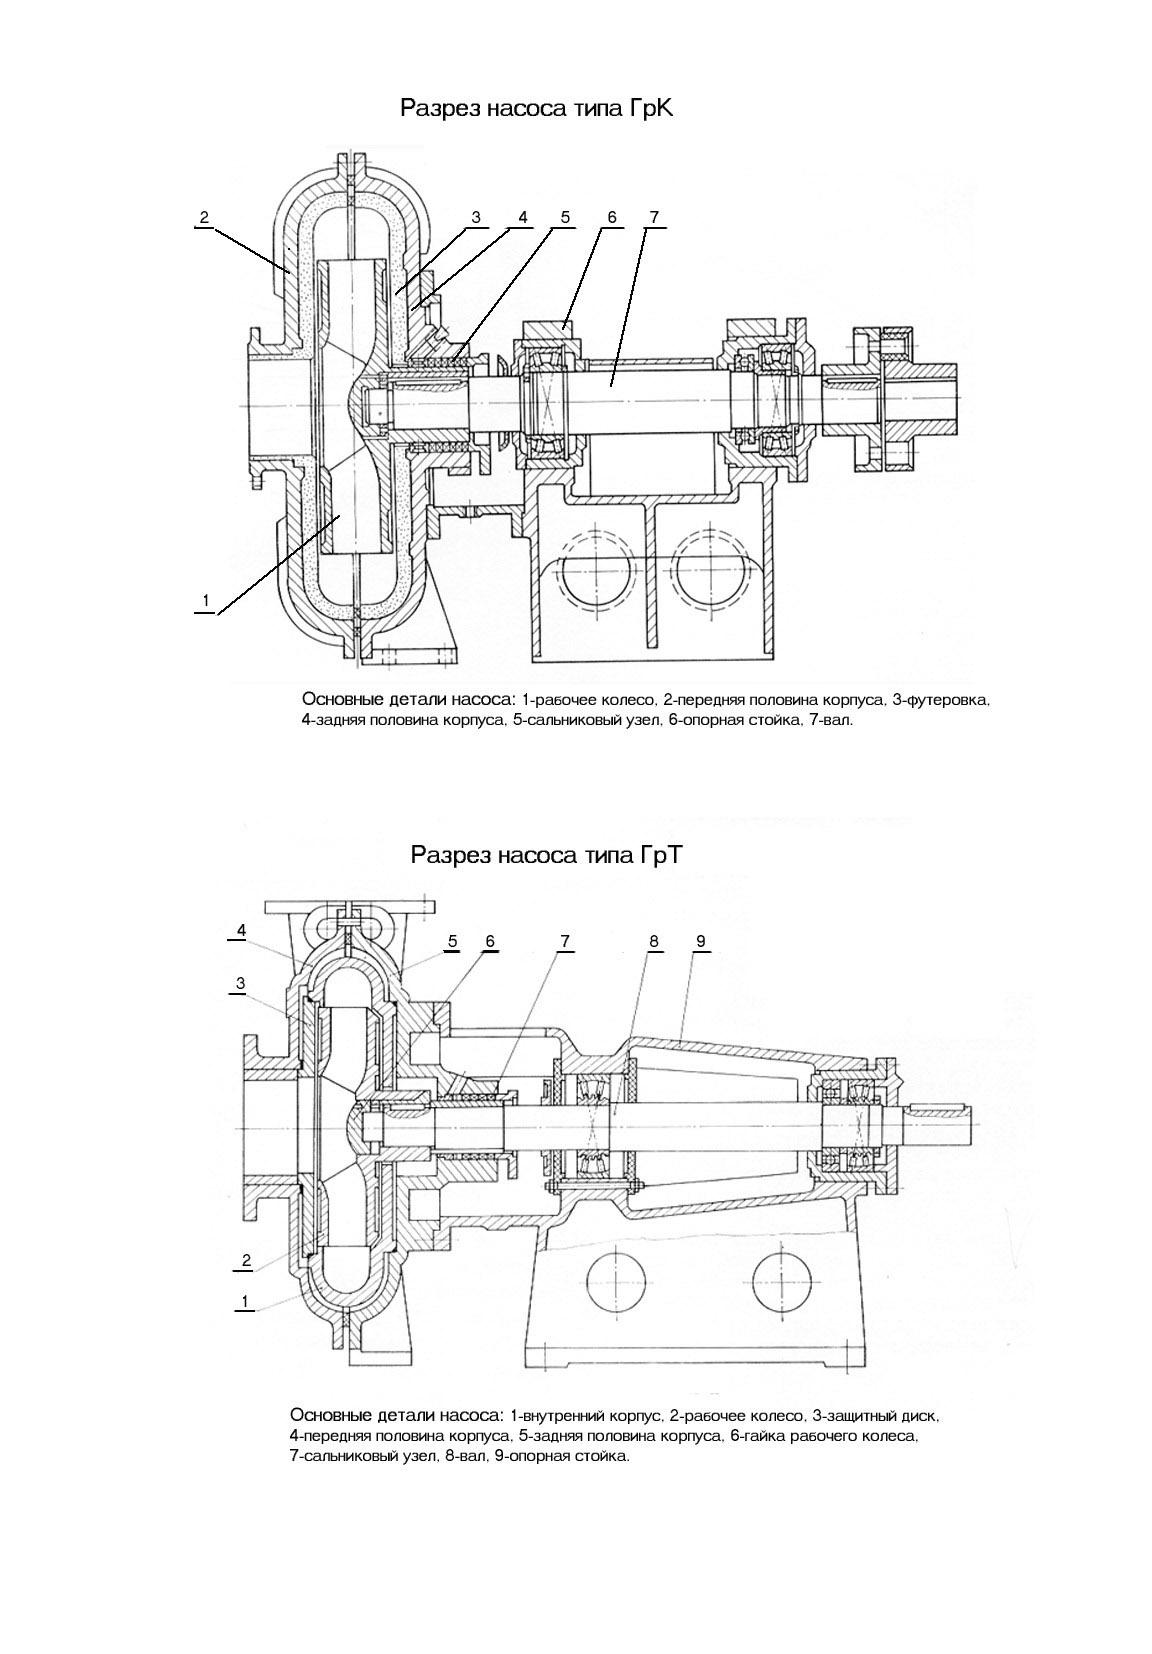 Инструкция по эксплуатации вшн-150